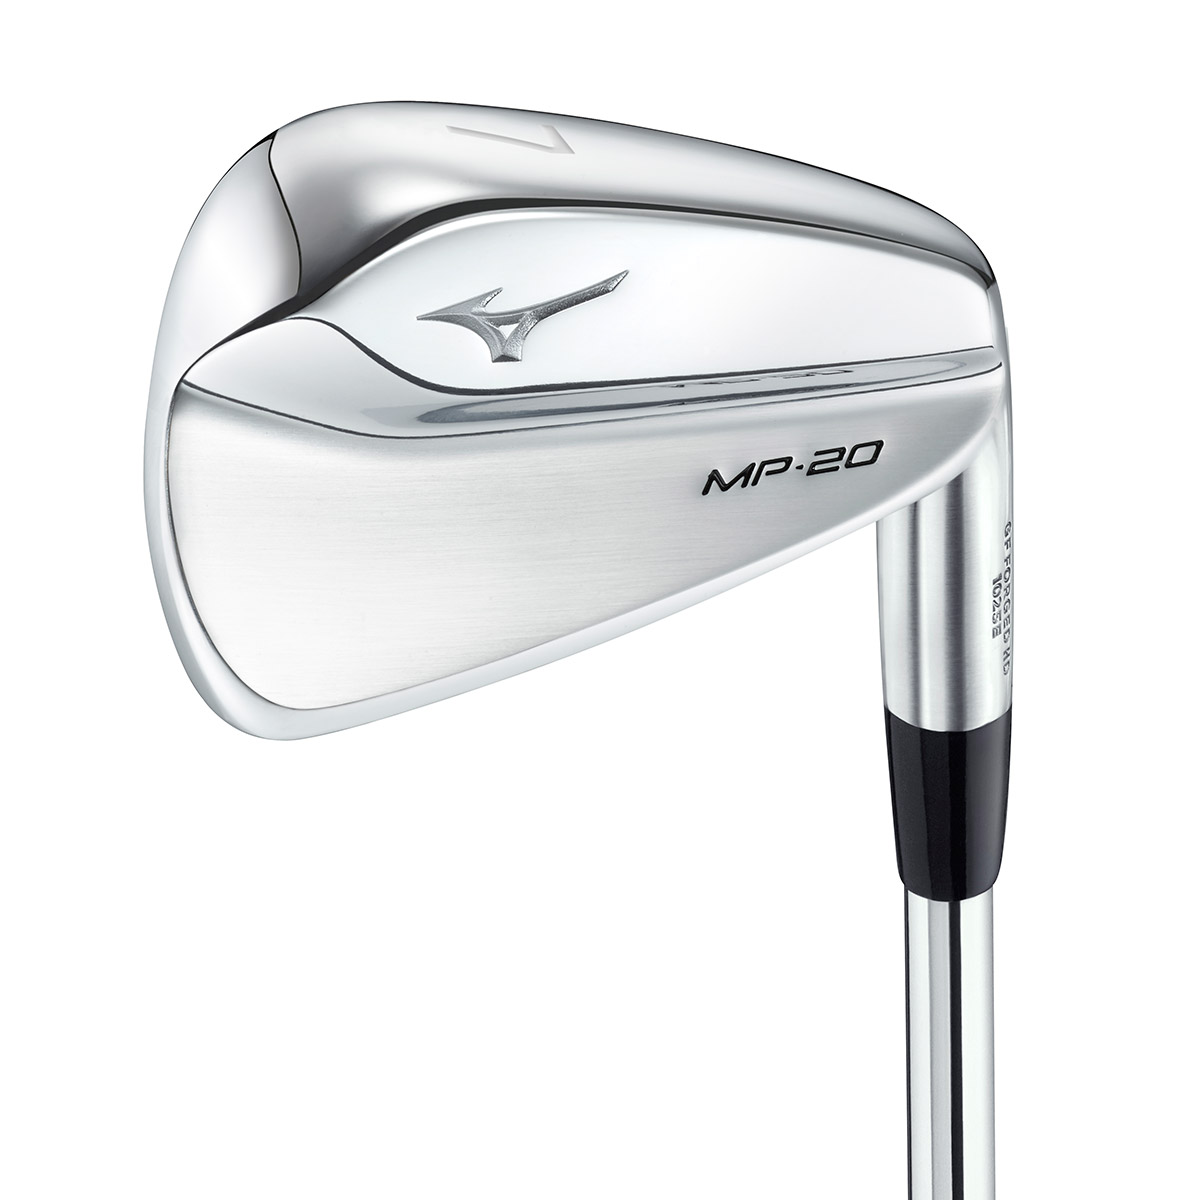 redelijke prijs goedkeuring prijzen Super korting Mizuno Golf MP-20 Steel Irons